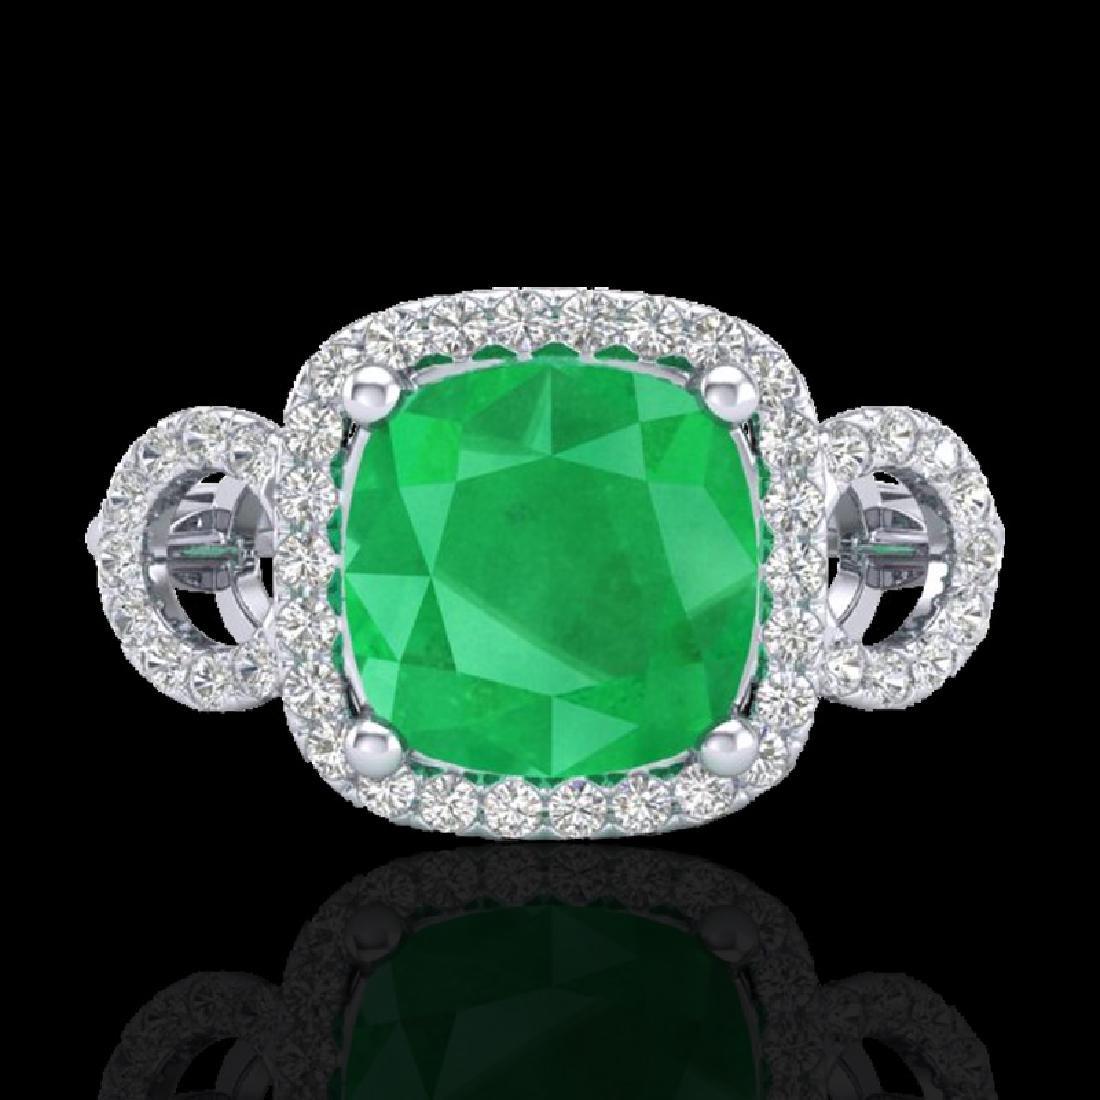 3.15 CTW Emerald & Micro VS/SI Diamond Ring 18K White